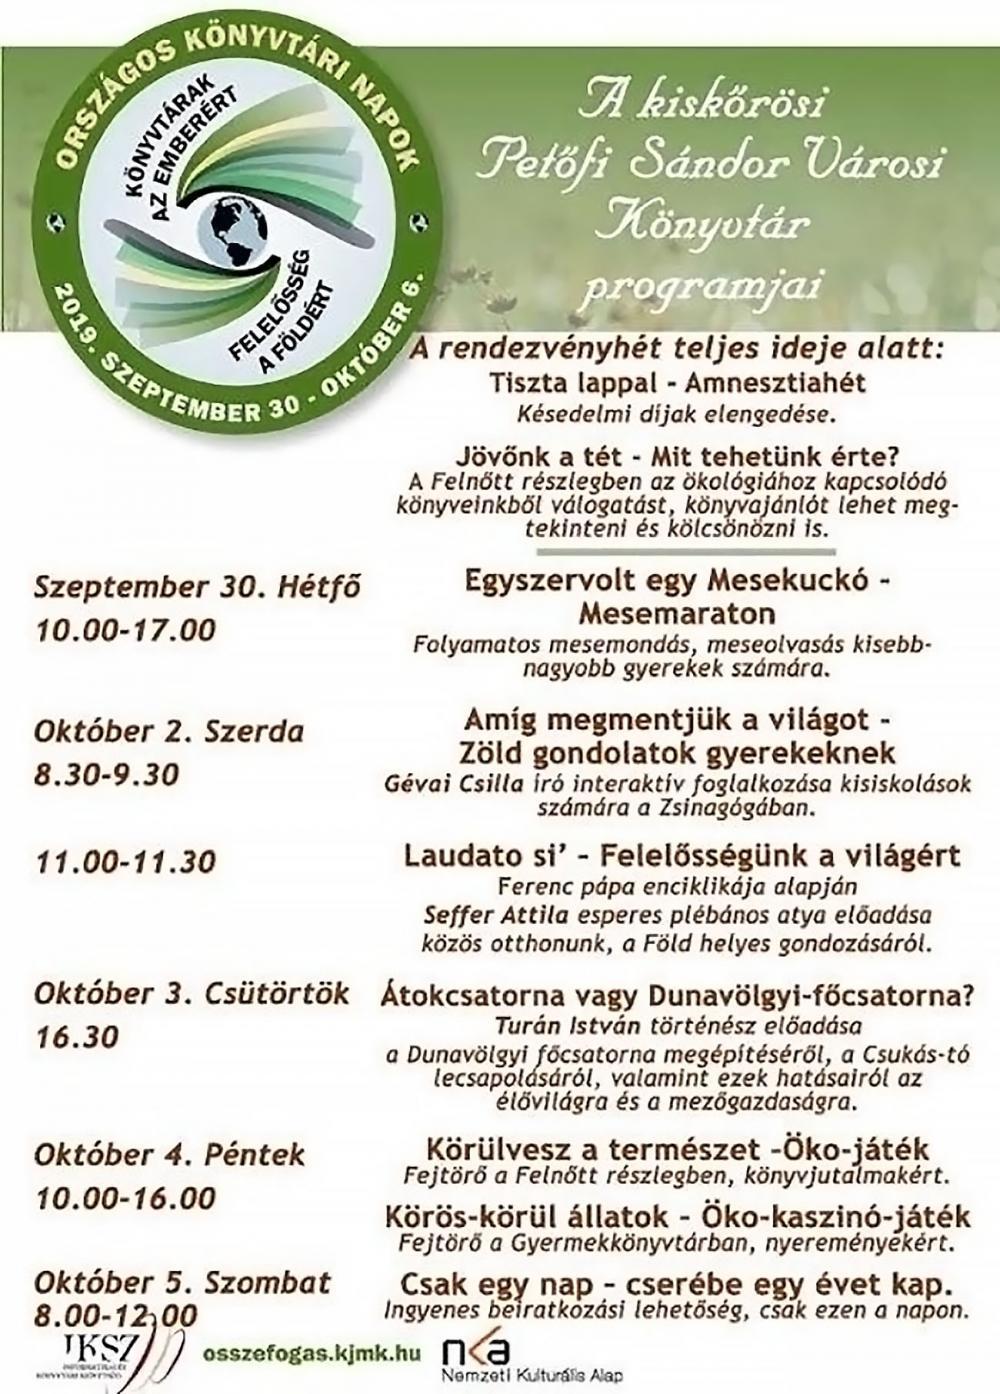 Országos Könyvtári Napok - A kiskőrösi Petőfi Sándor Városi Könyvtár programjai